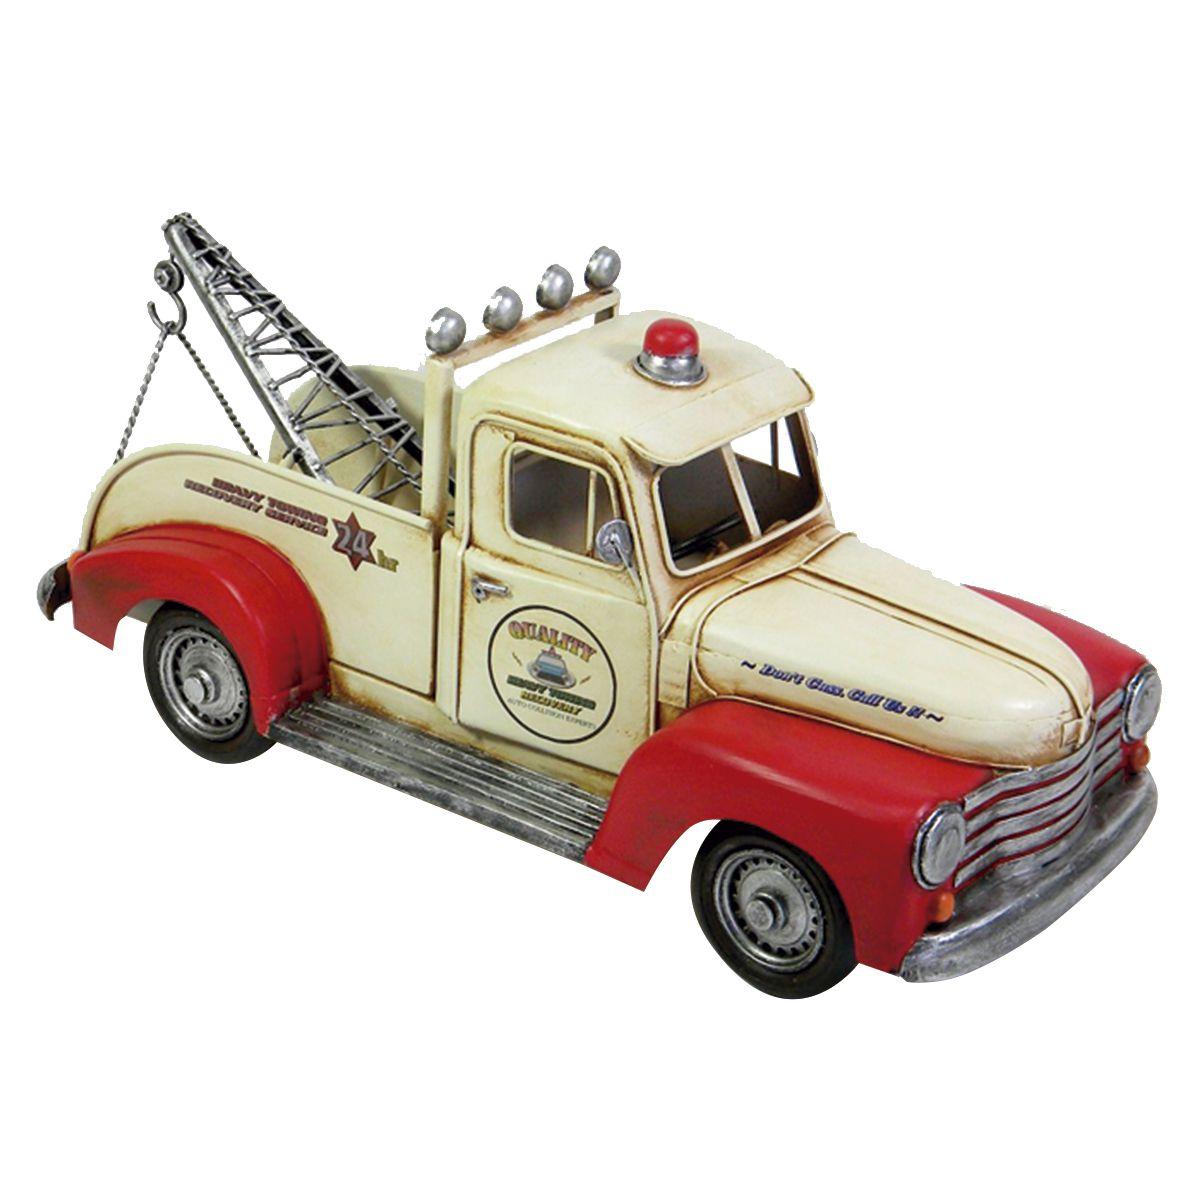 Carro de Metal Retrô - Guincho Vermelho e Branco Quality 24hr II